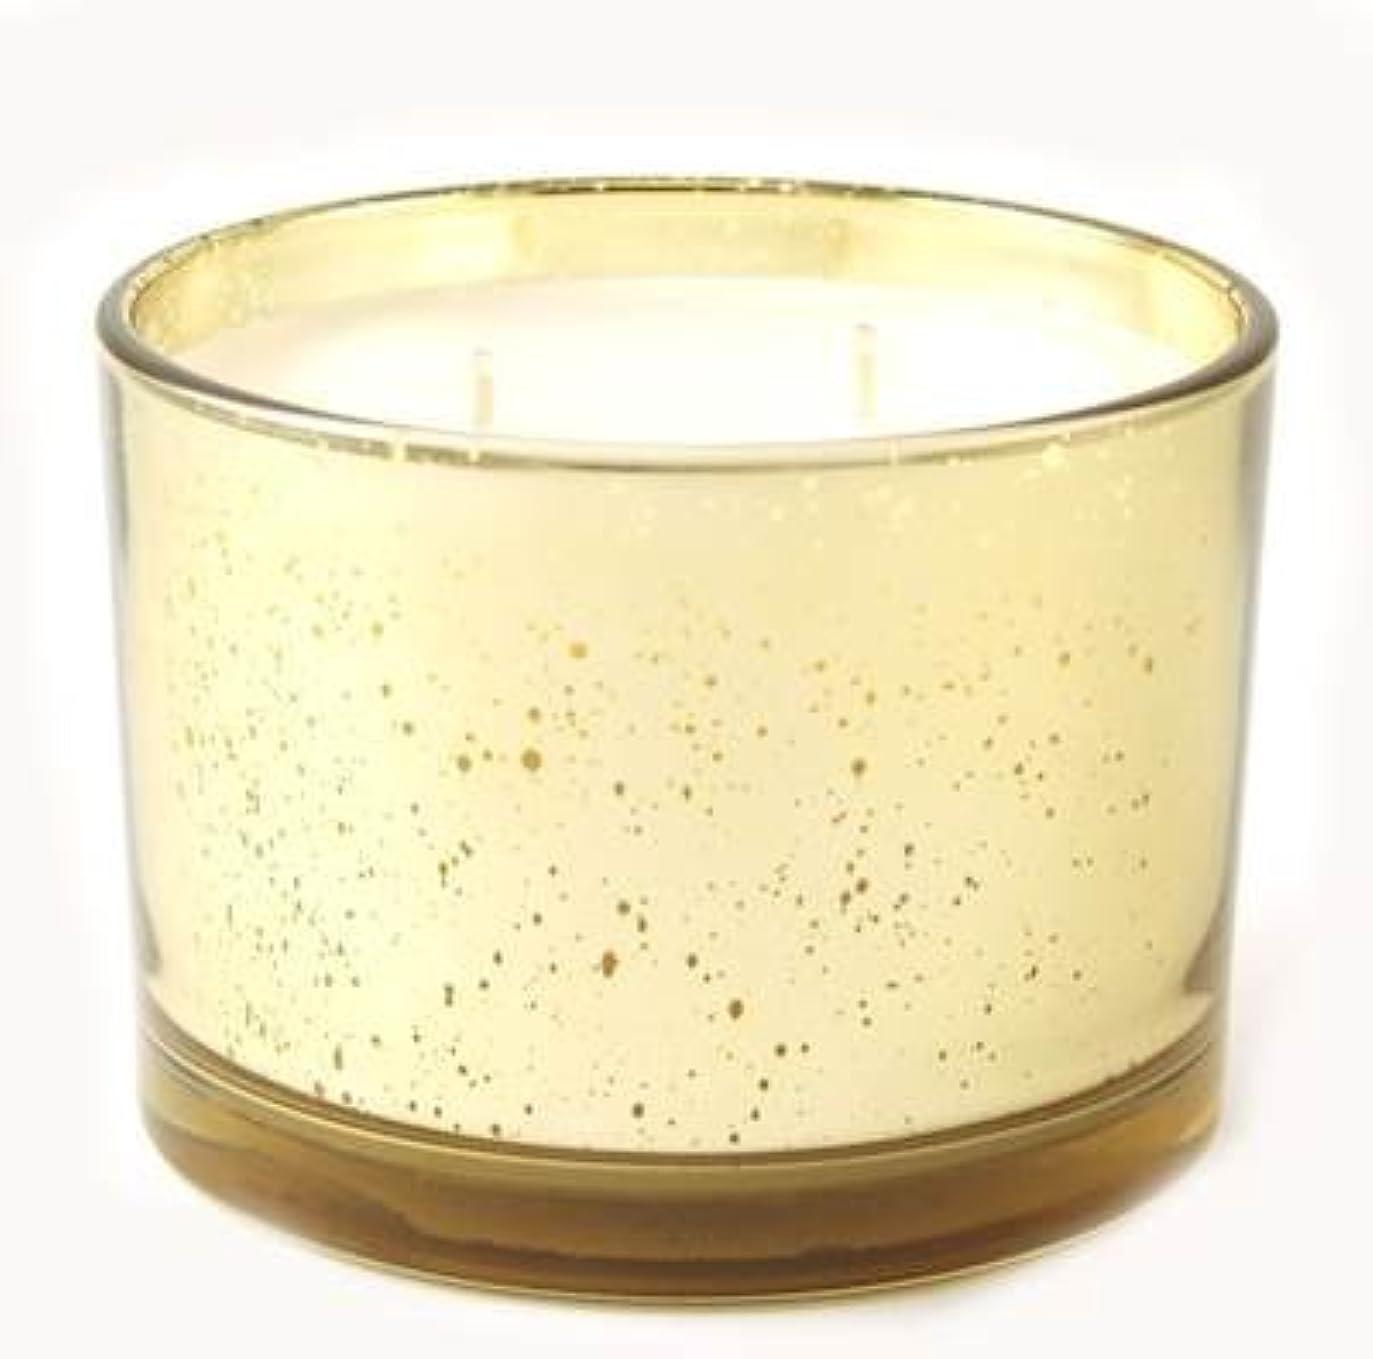 有限フェッチジュニアDiva Tyler Statureゴールドonゴールド16oz香りつきJar Candle